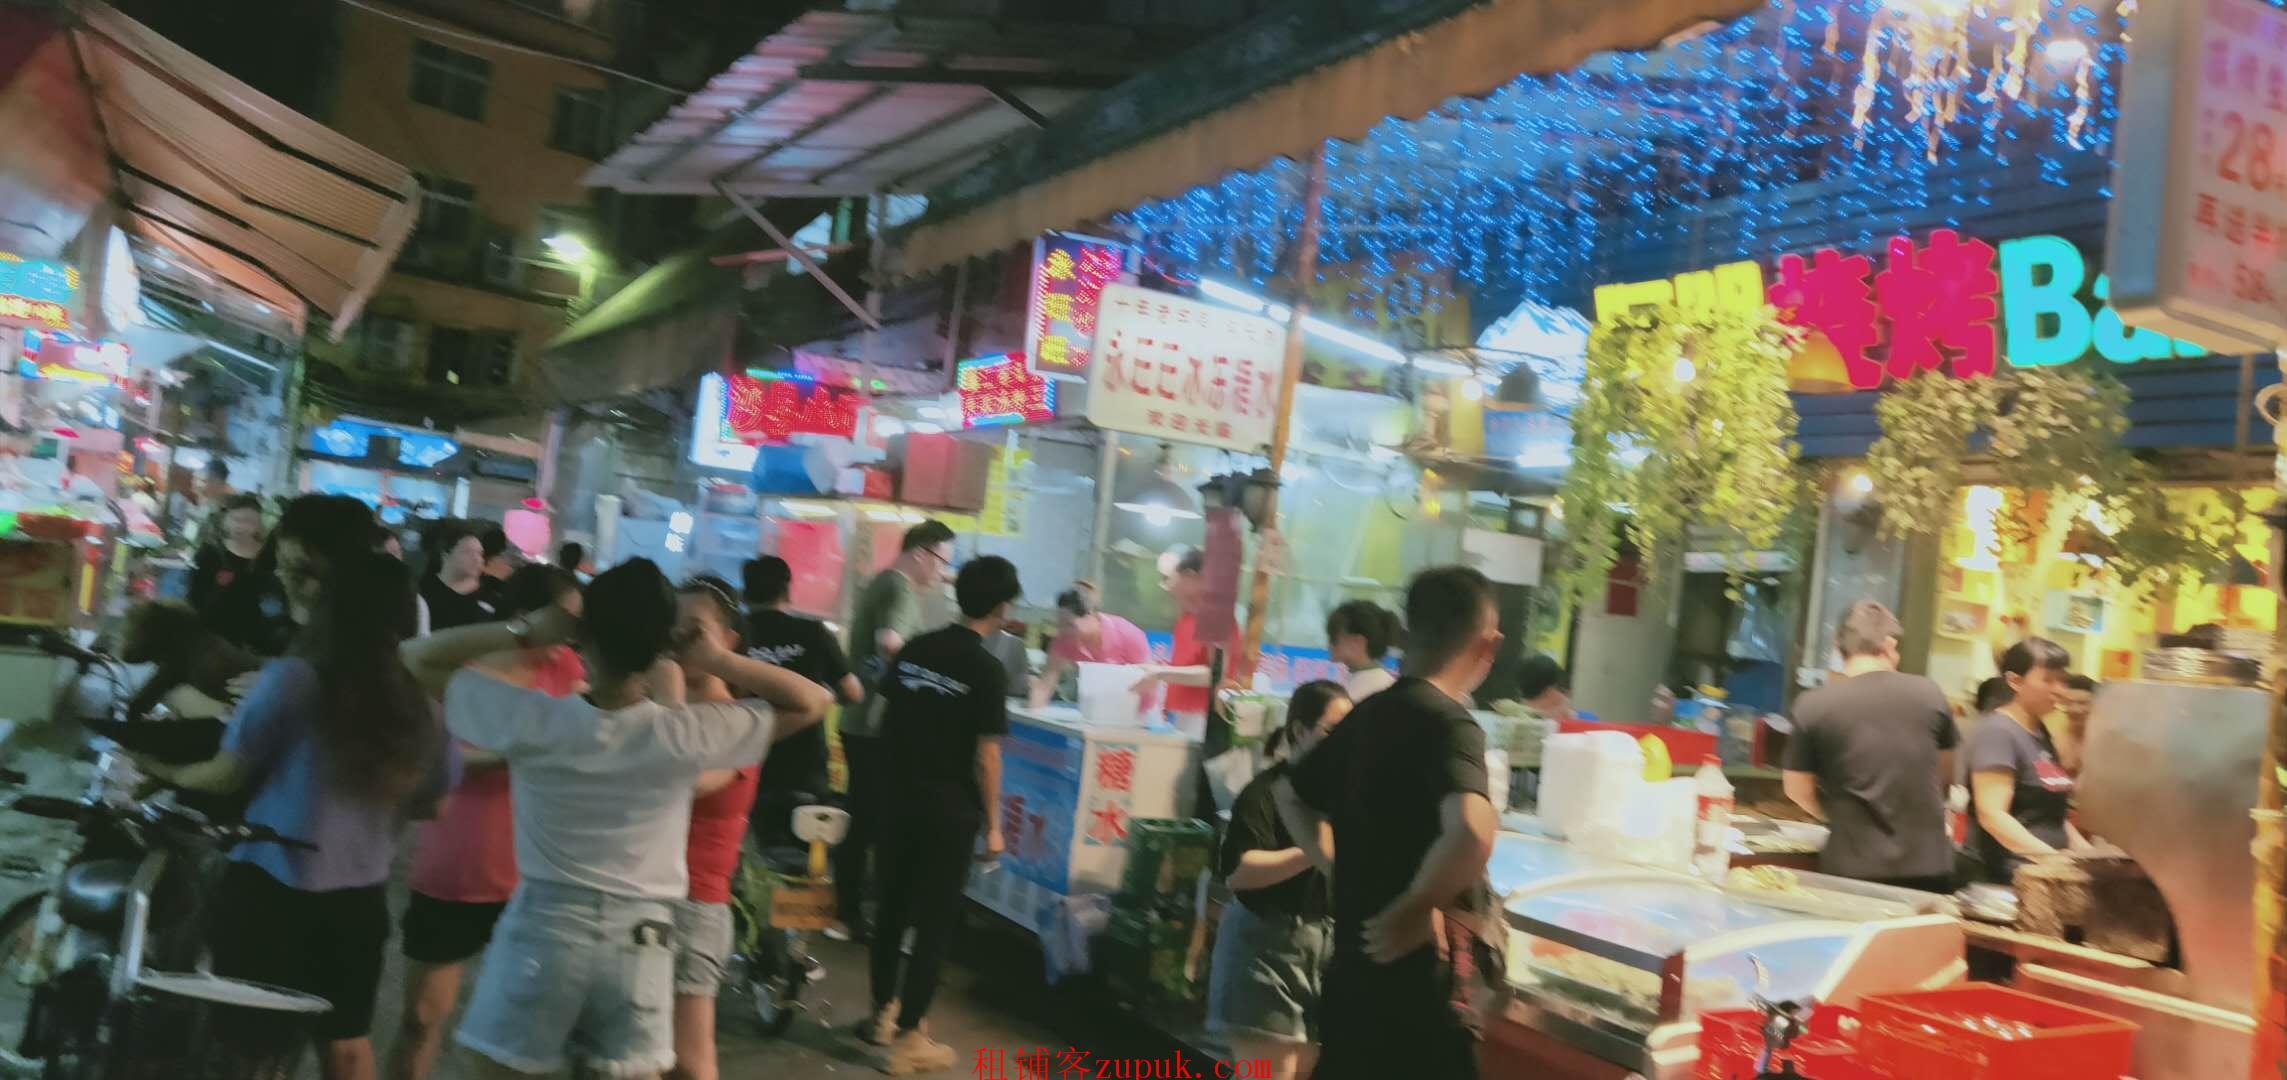 琶洲-地铁站,小吃店,门口大客流,证照齐全可各种餐饮